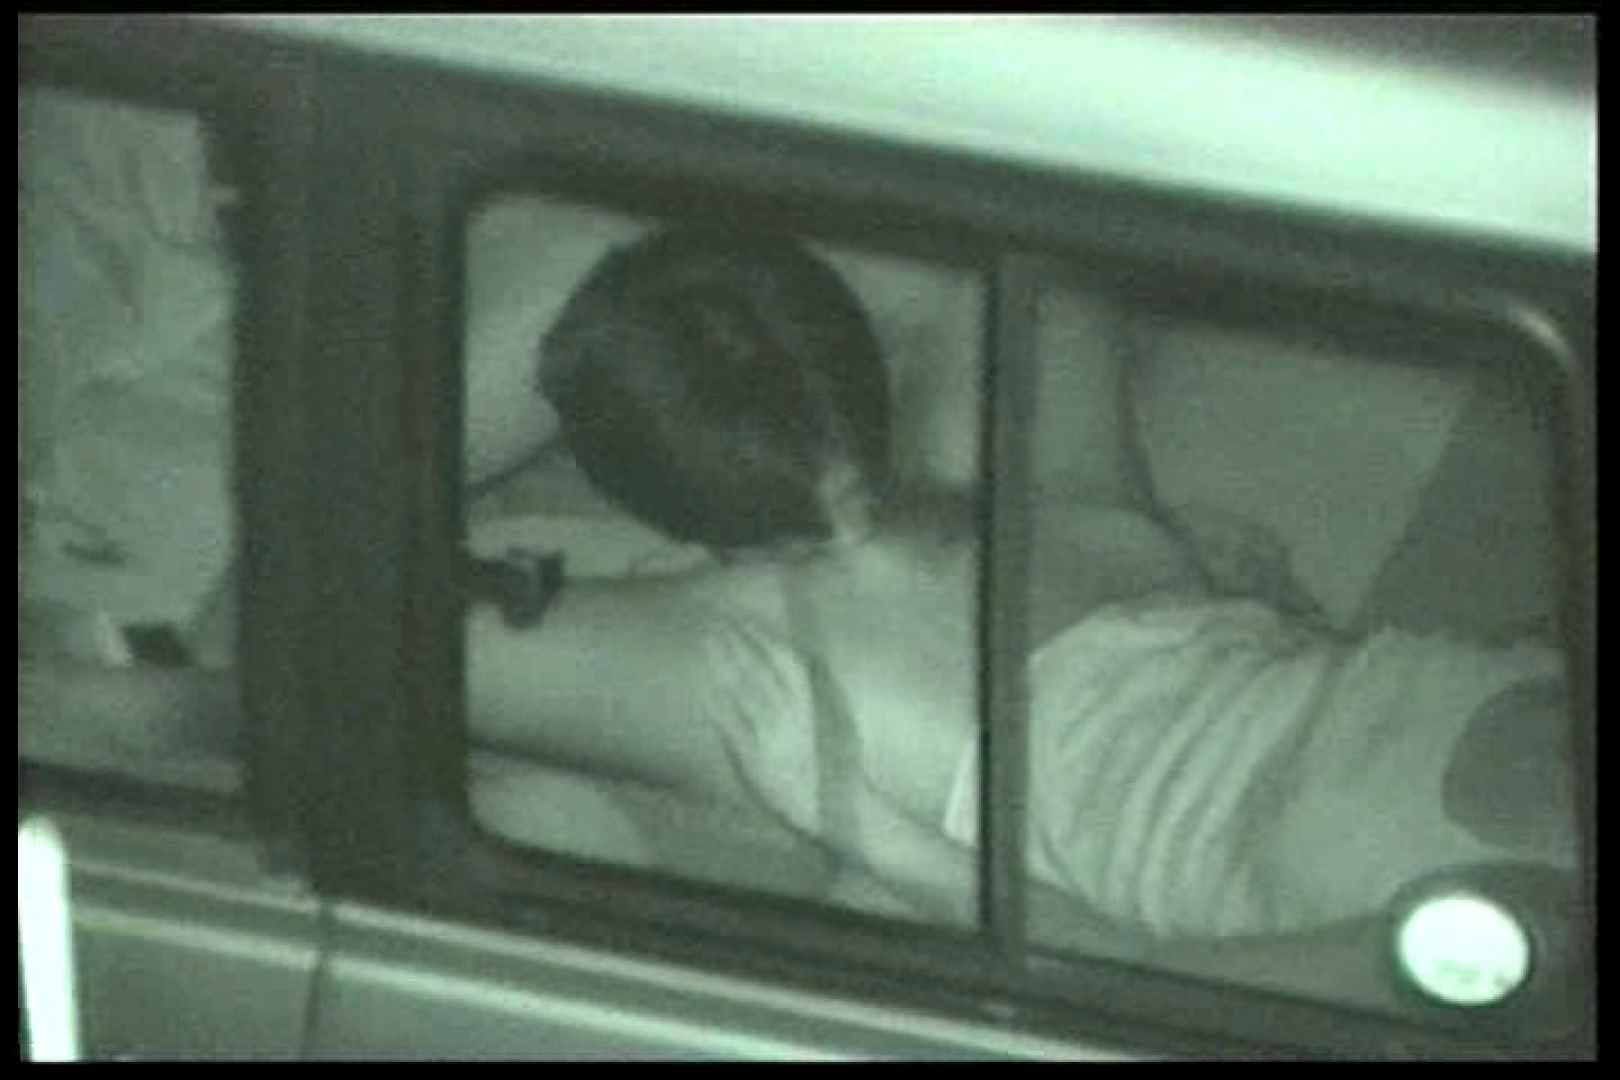 車の中はラブホテル 無修正版  Vol.15 手マン 覗きオメコ動画キャプチャ 89pic 53